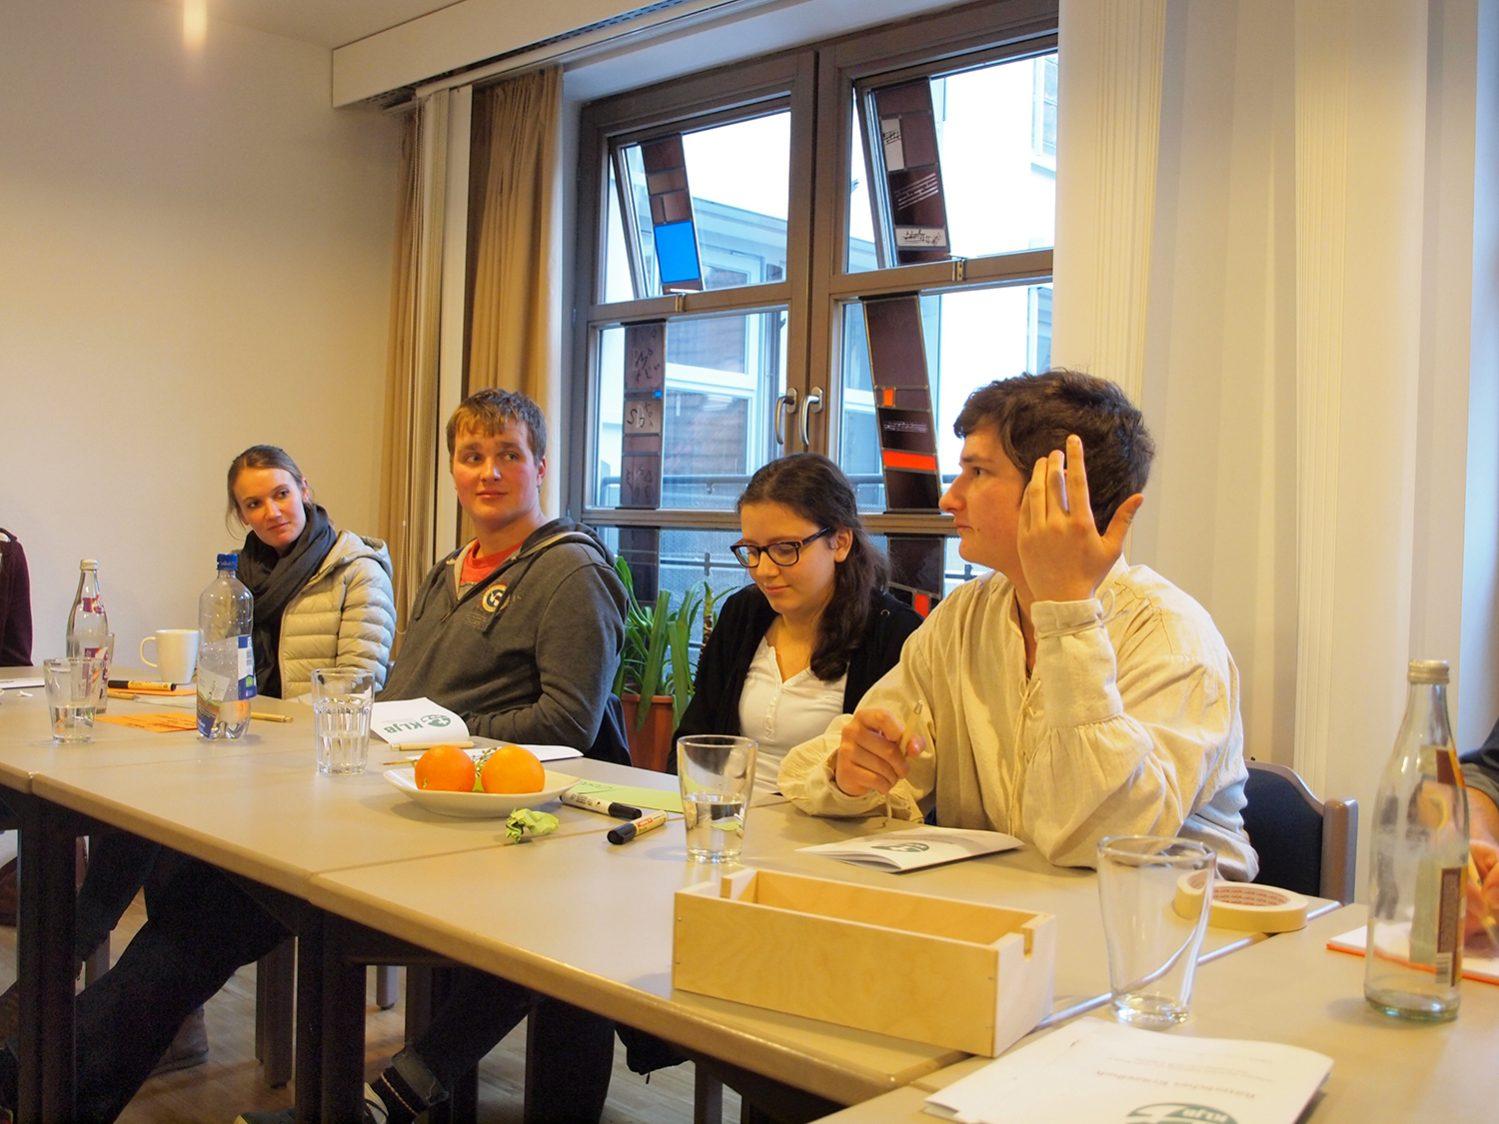 Reger Austausch beim Treffen der Kreisrunde der KLJB Augsburg